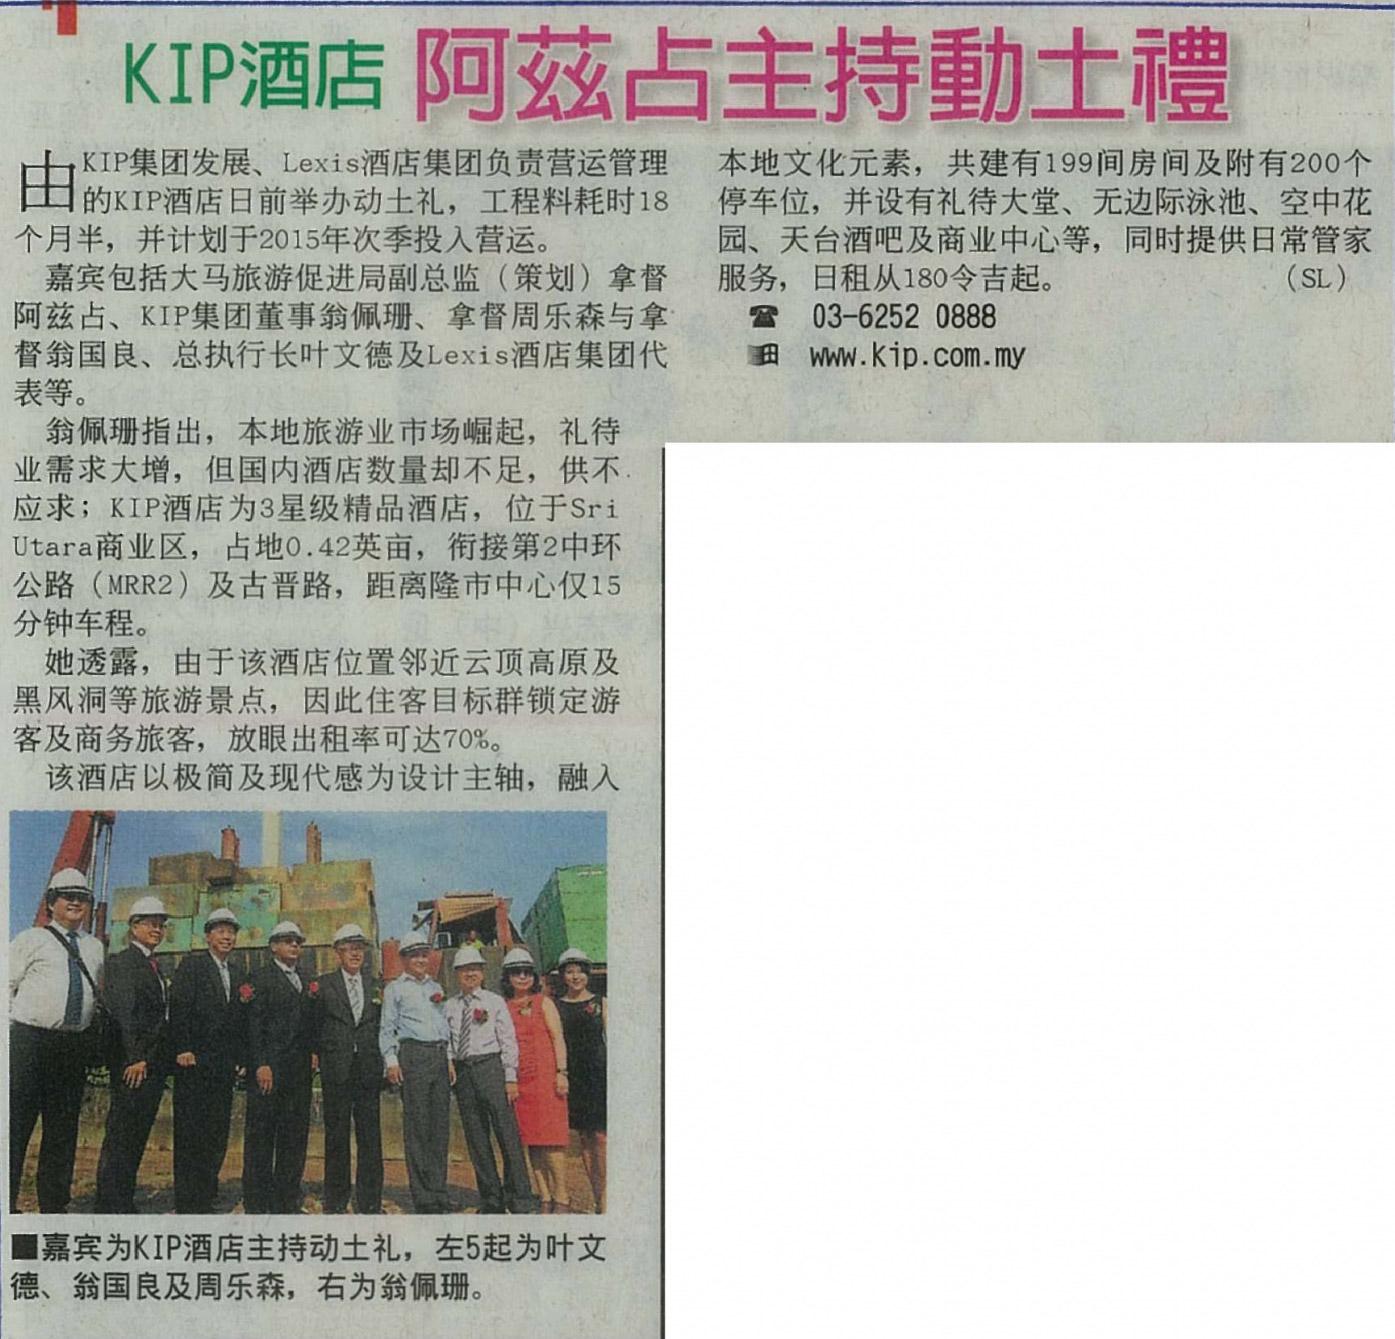 China Press 06-09-2013